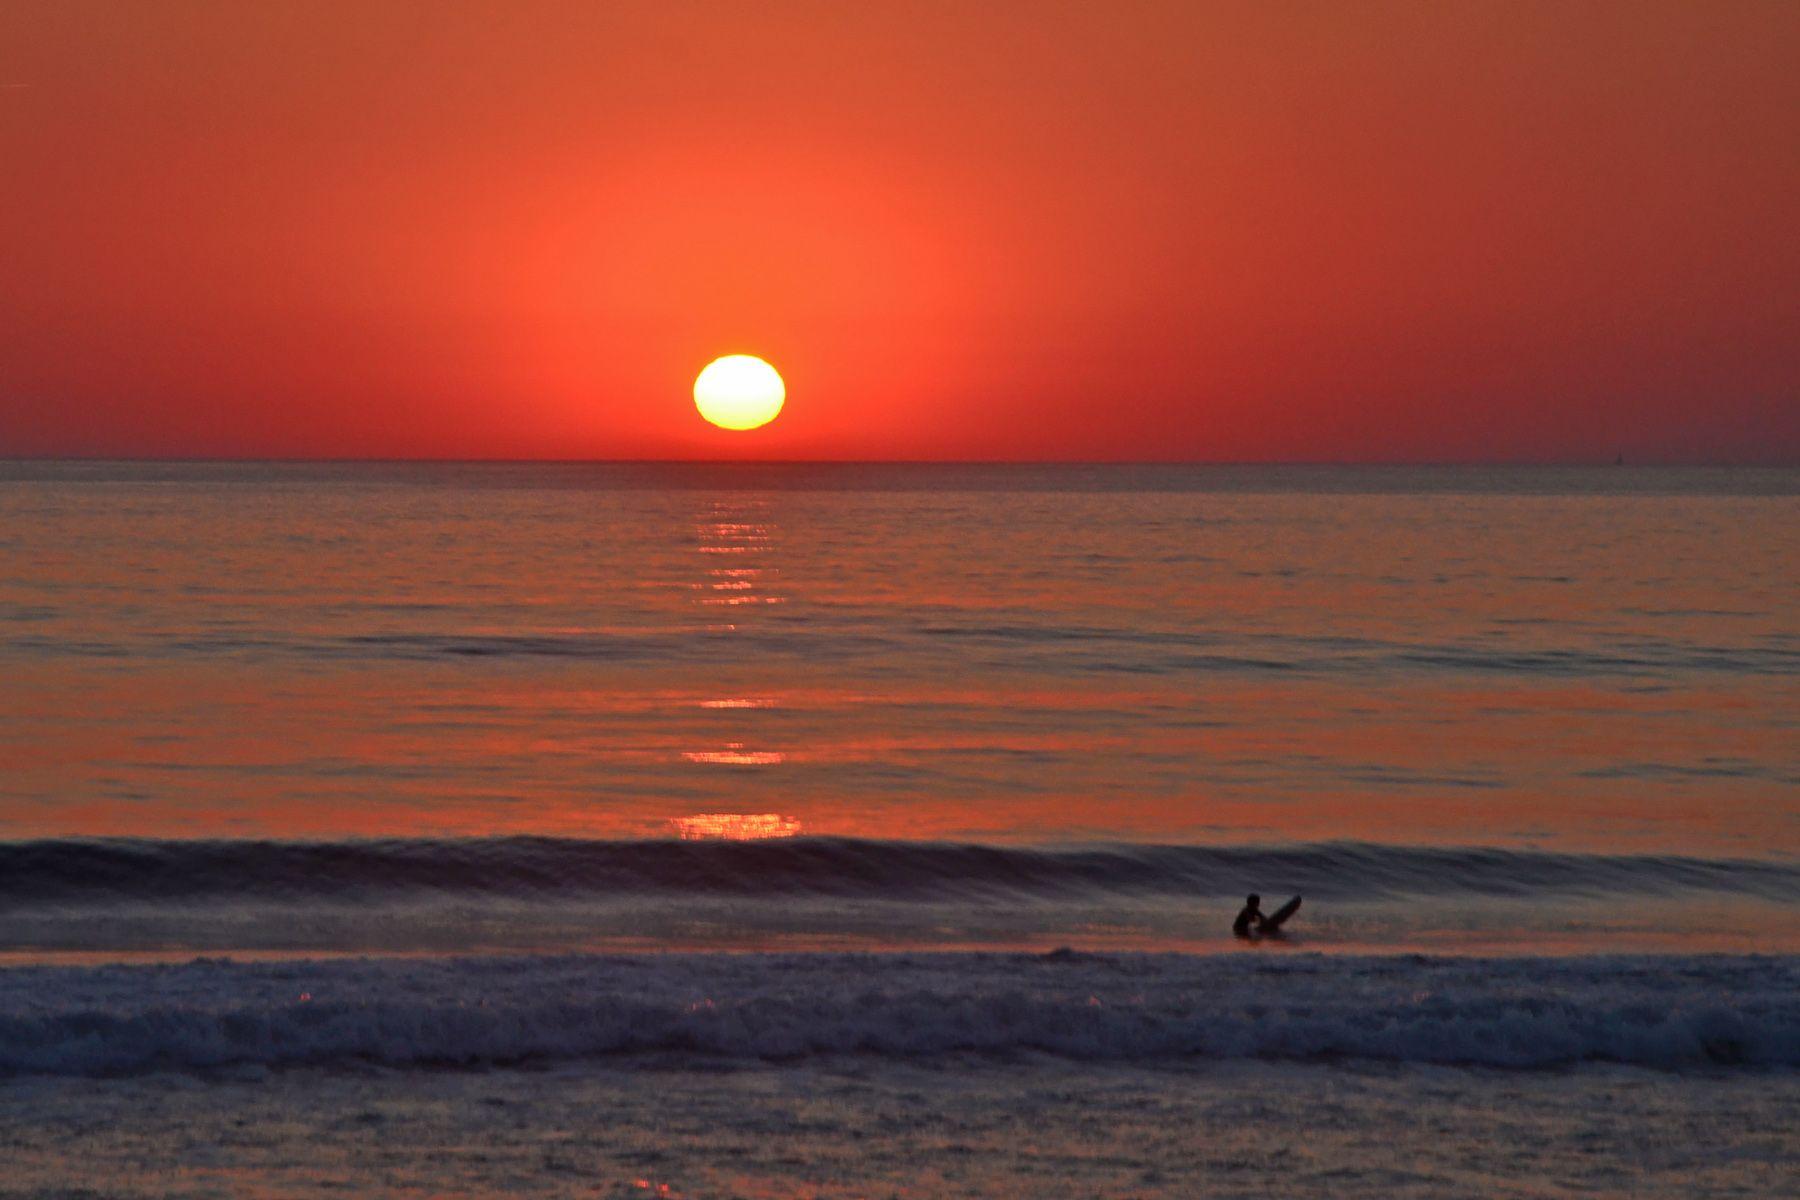 Surf Coucher De Soleil Sur La Plage De Lacanau Coucher De Soleil Plage Coucher De Soleil Dessin Paysage